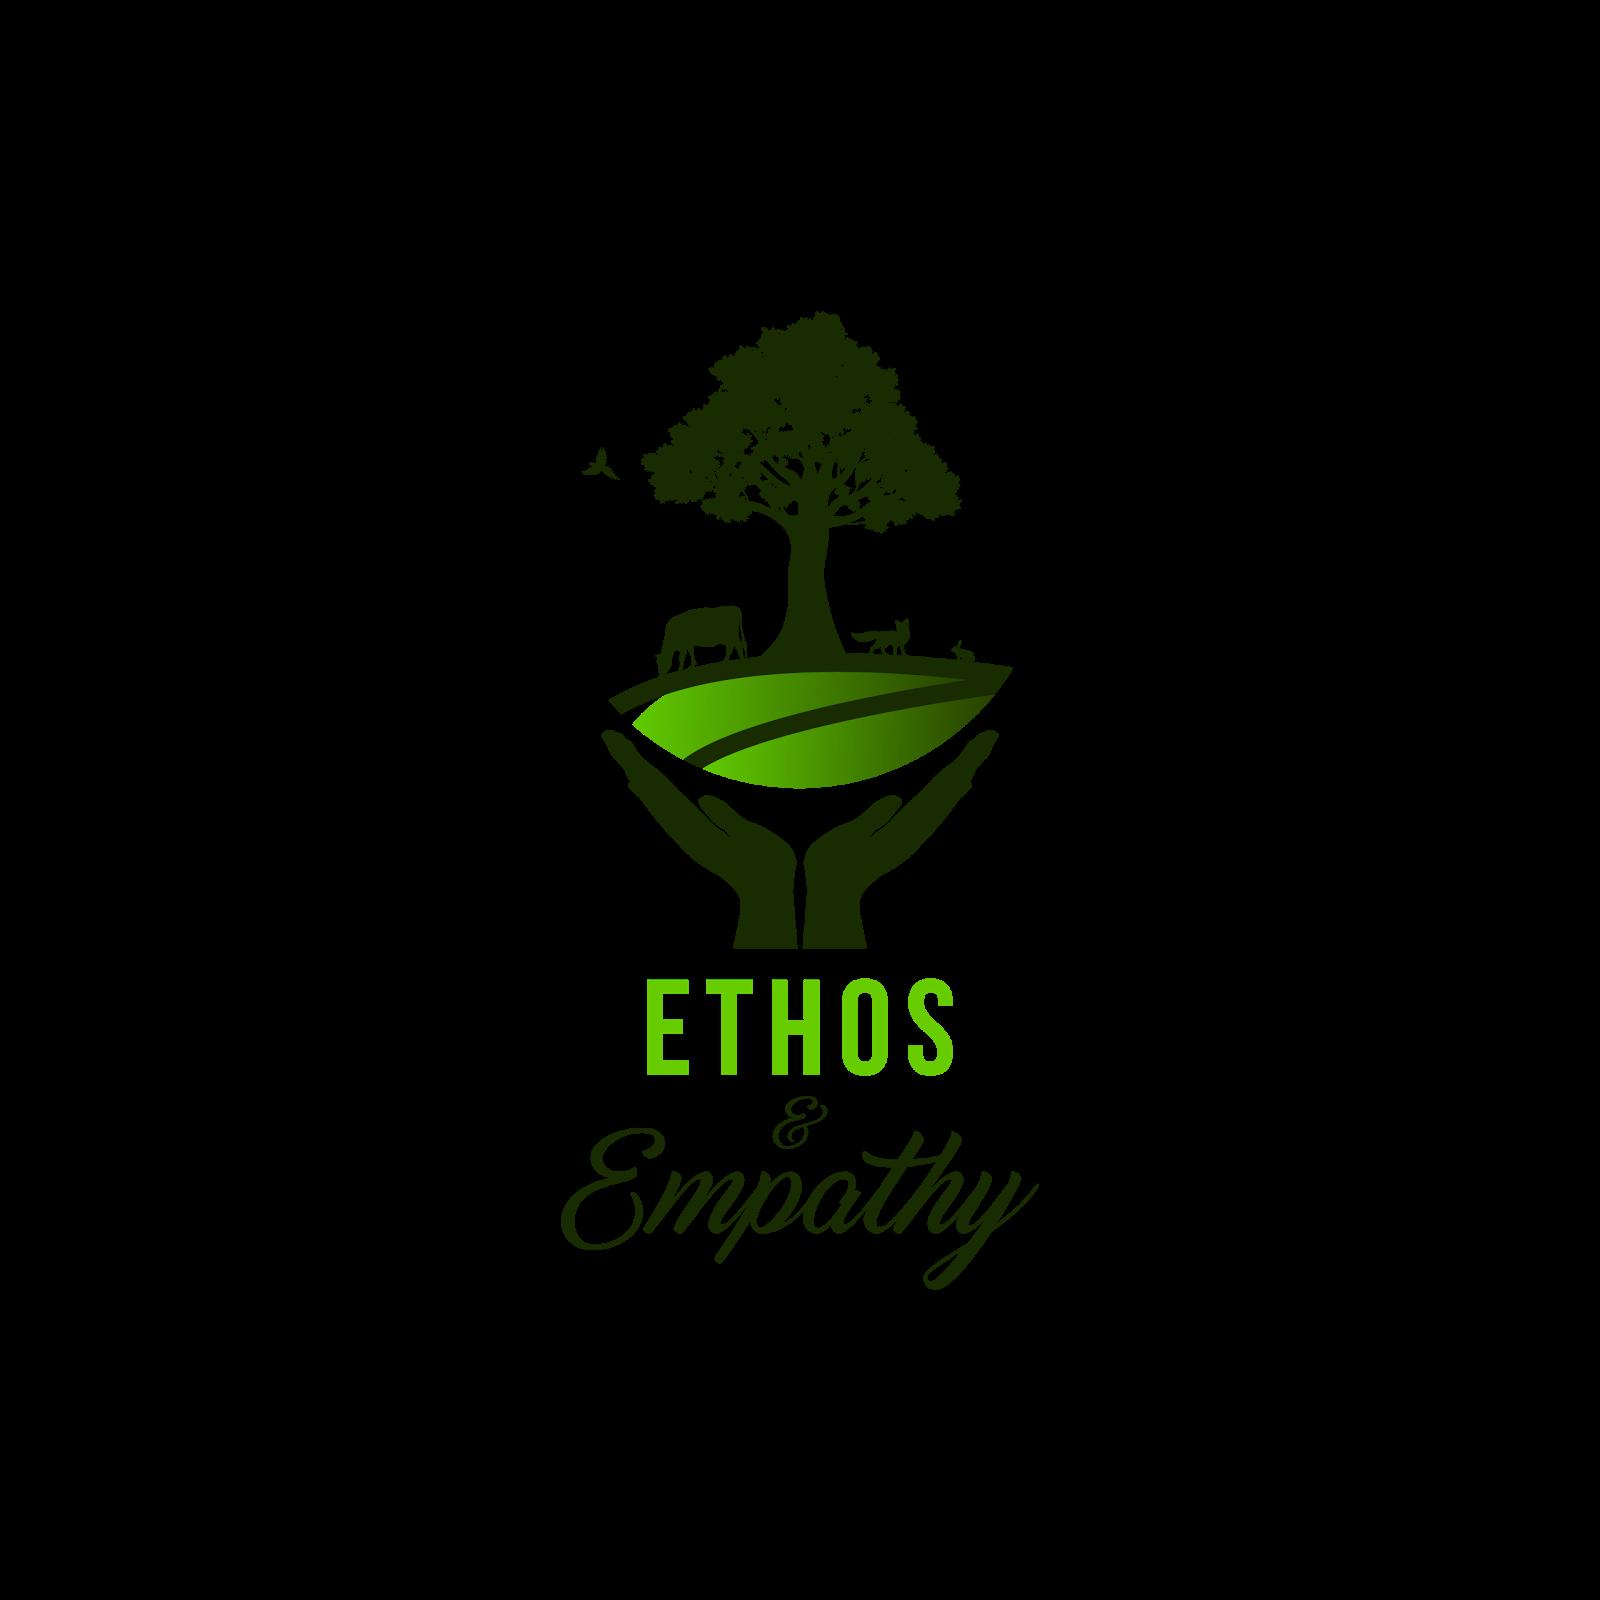 Ethos & Empathy - Το νεο μας εγχείρημα